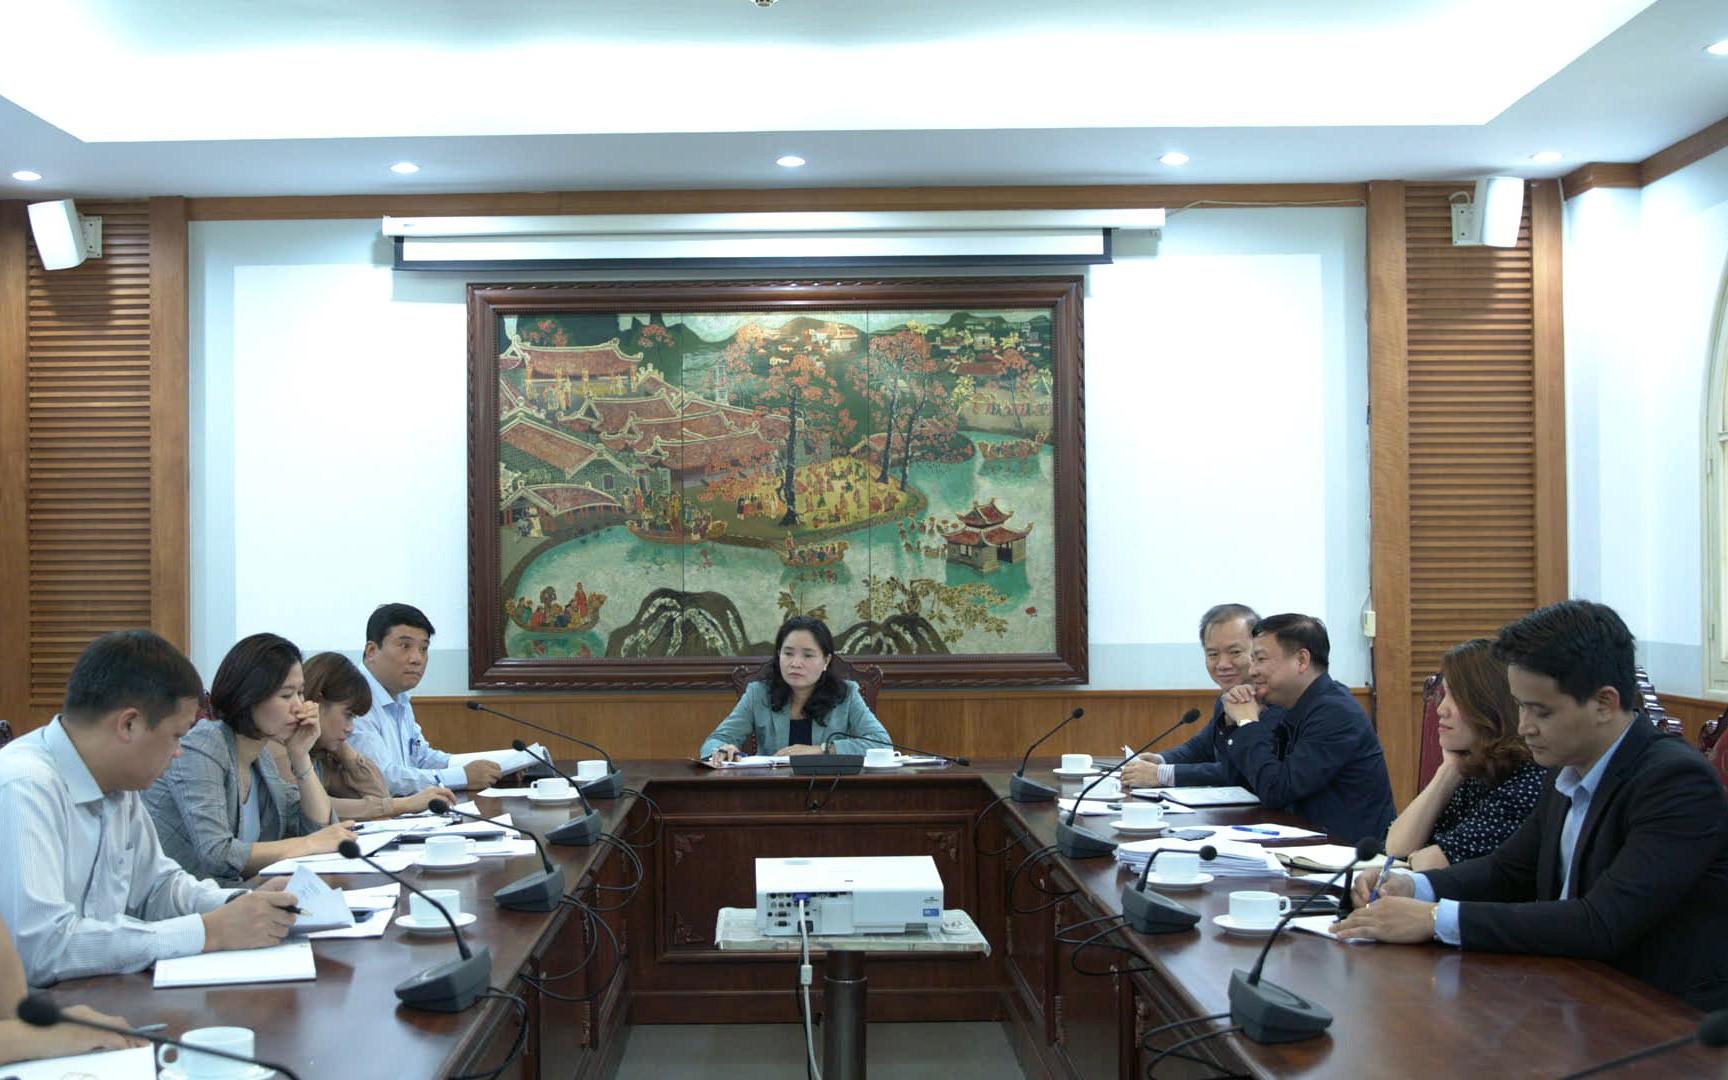 Bộ VHTTDL triển khai sơ kết 5 năm thực hiện Nghị quyết về xây dựng và phát triển văn hóa, con người Việt Nam